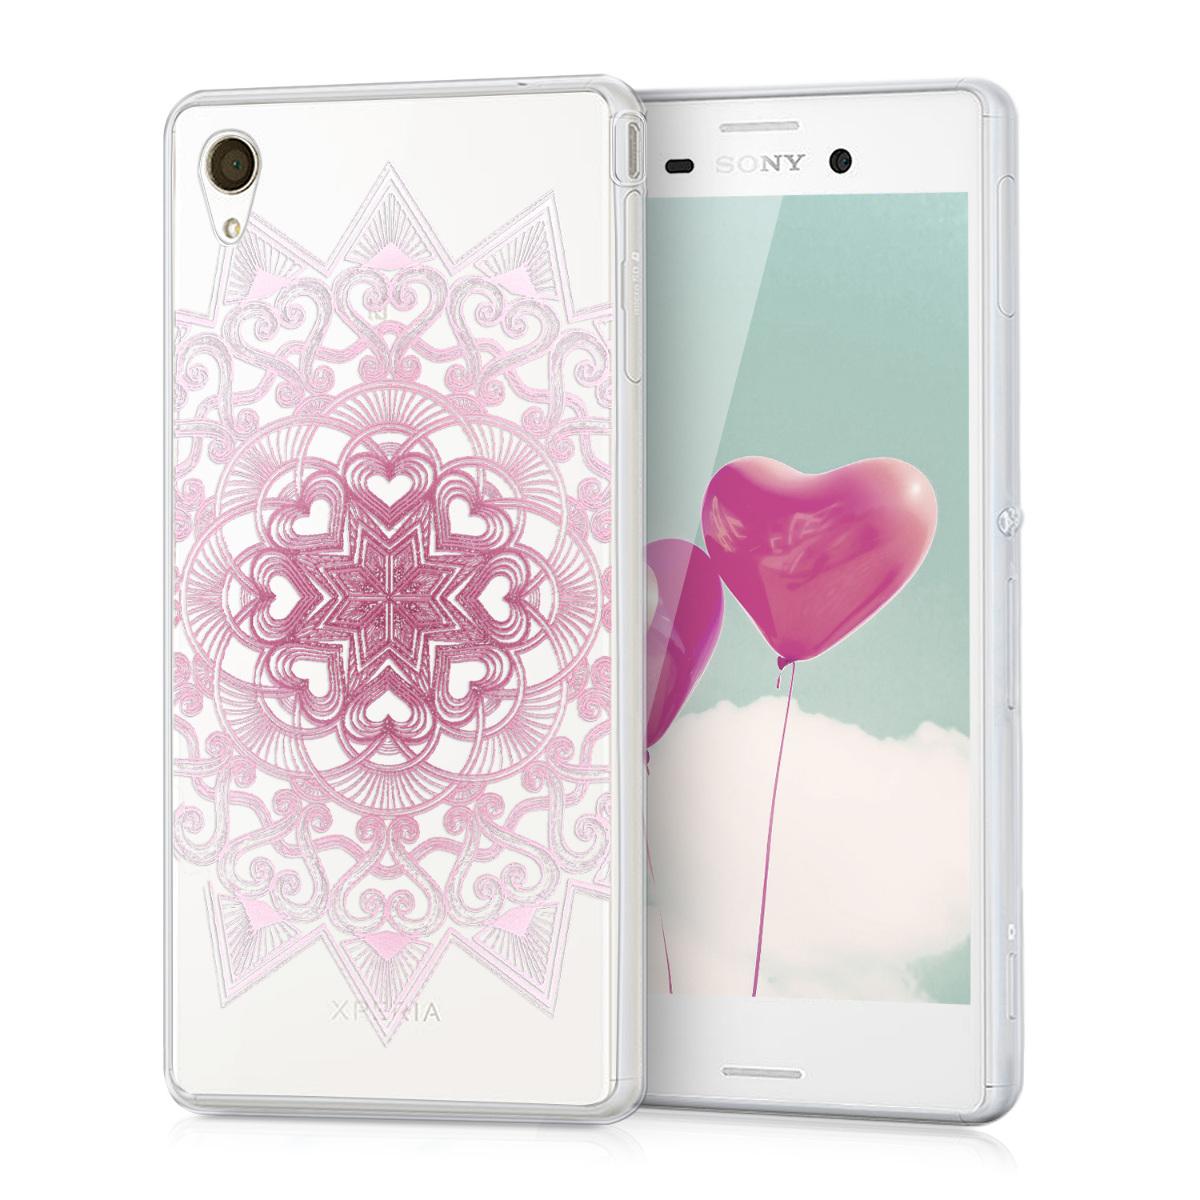 Kvalitní silikonové TPU pouzdro | obal pro Sony Xperia M4 Aqua - srdce Pattern růžové / bílé / průhledné